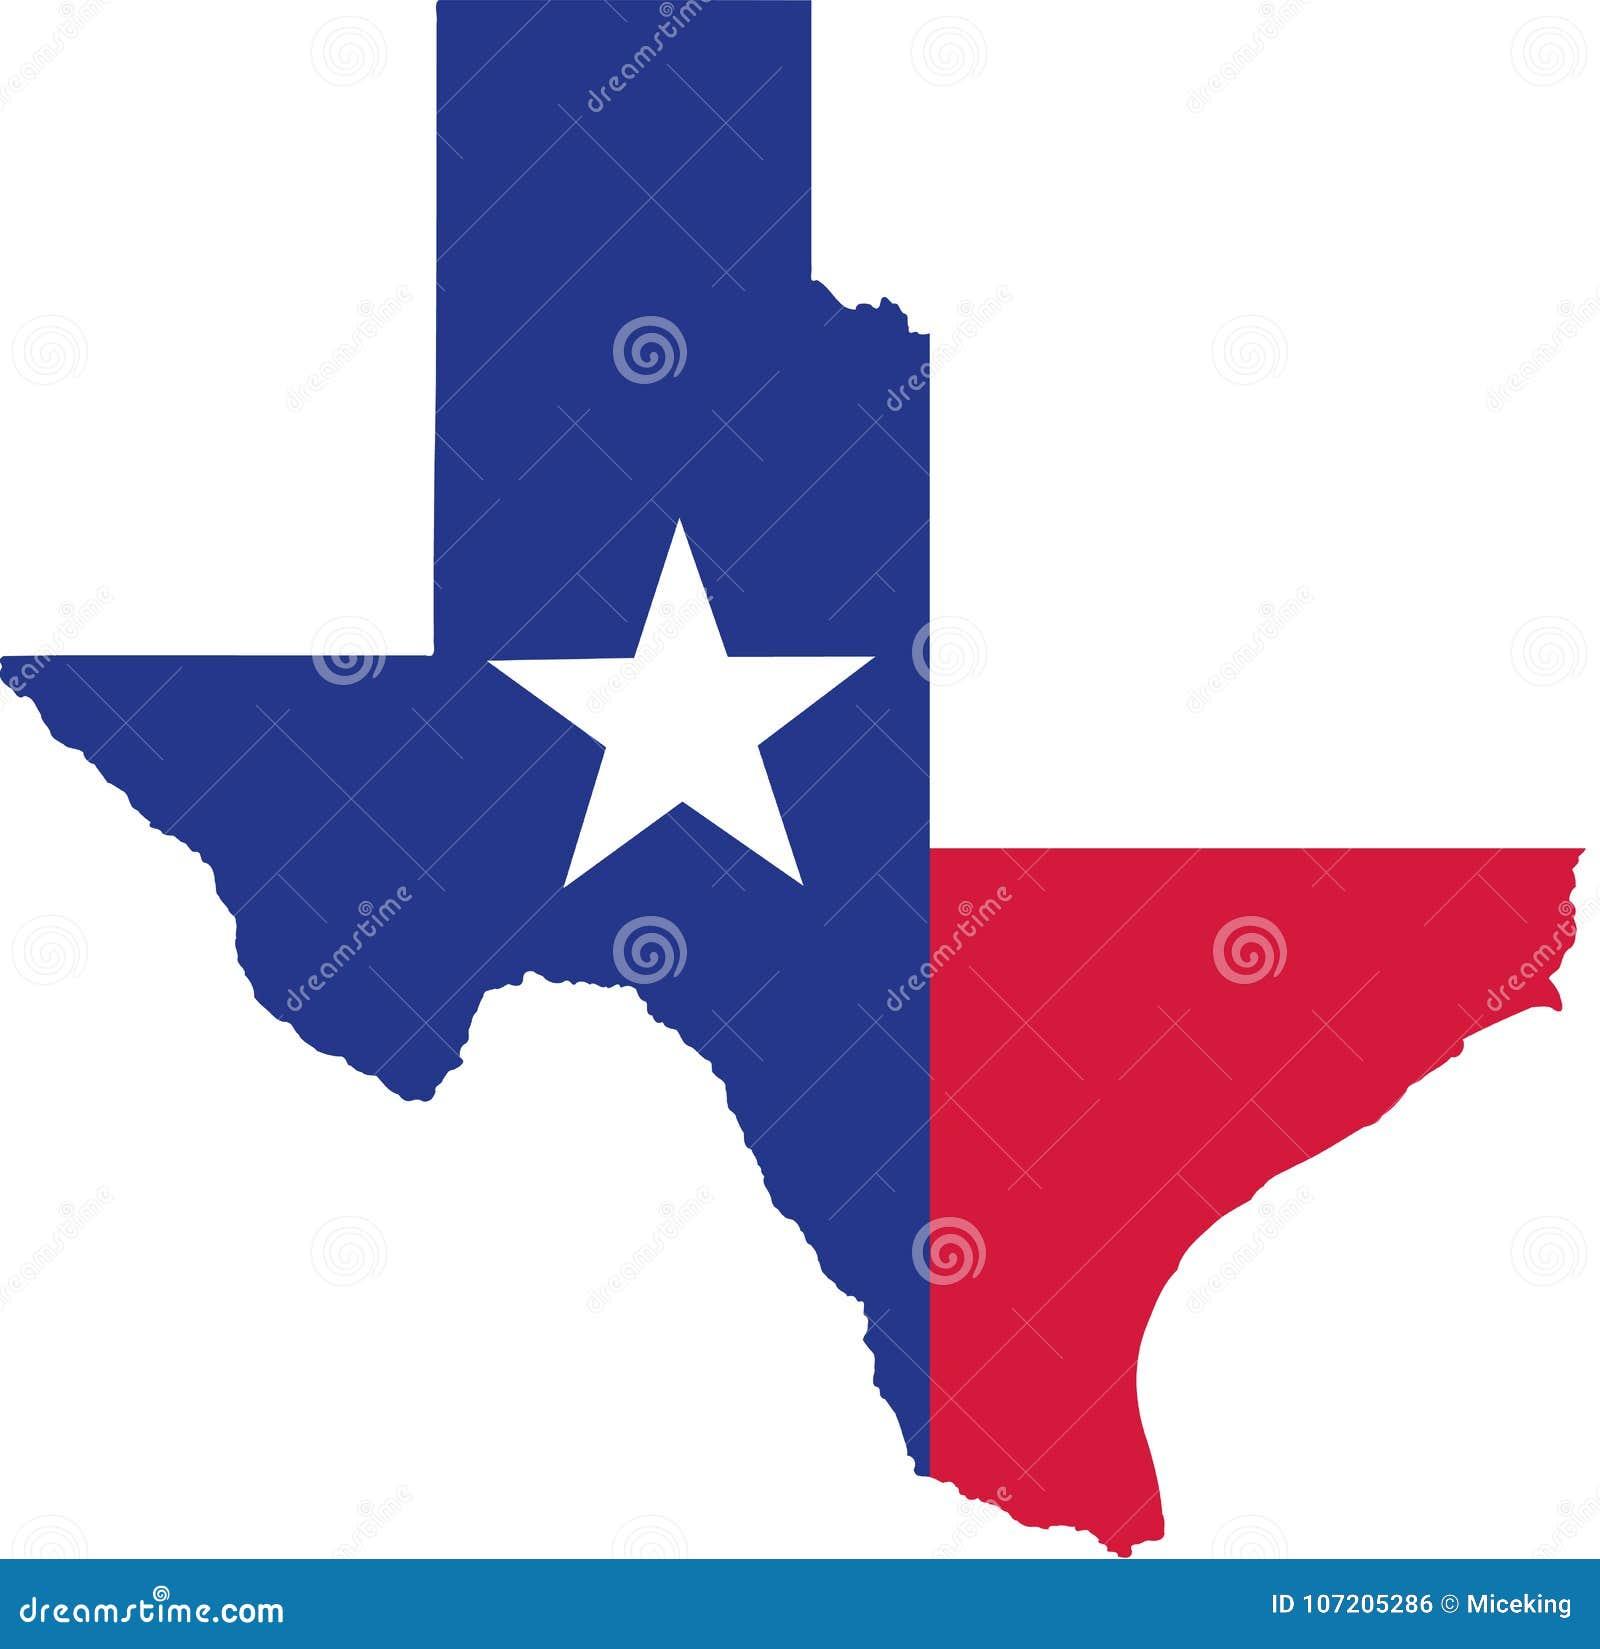 Κρατικός χάρτης του Τέξας με τη σημαία